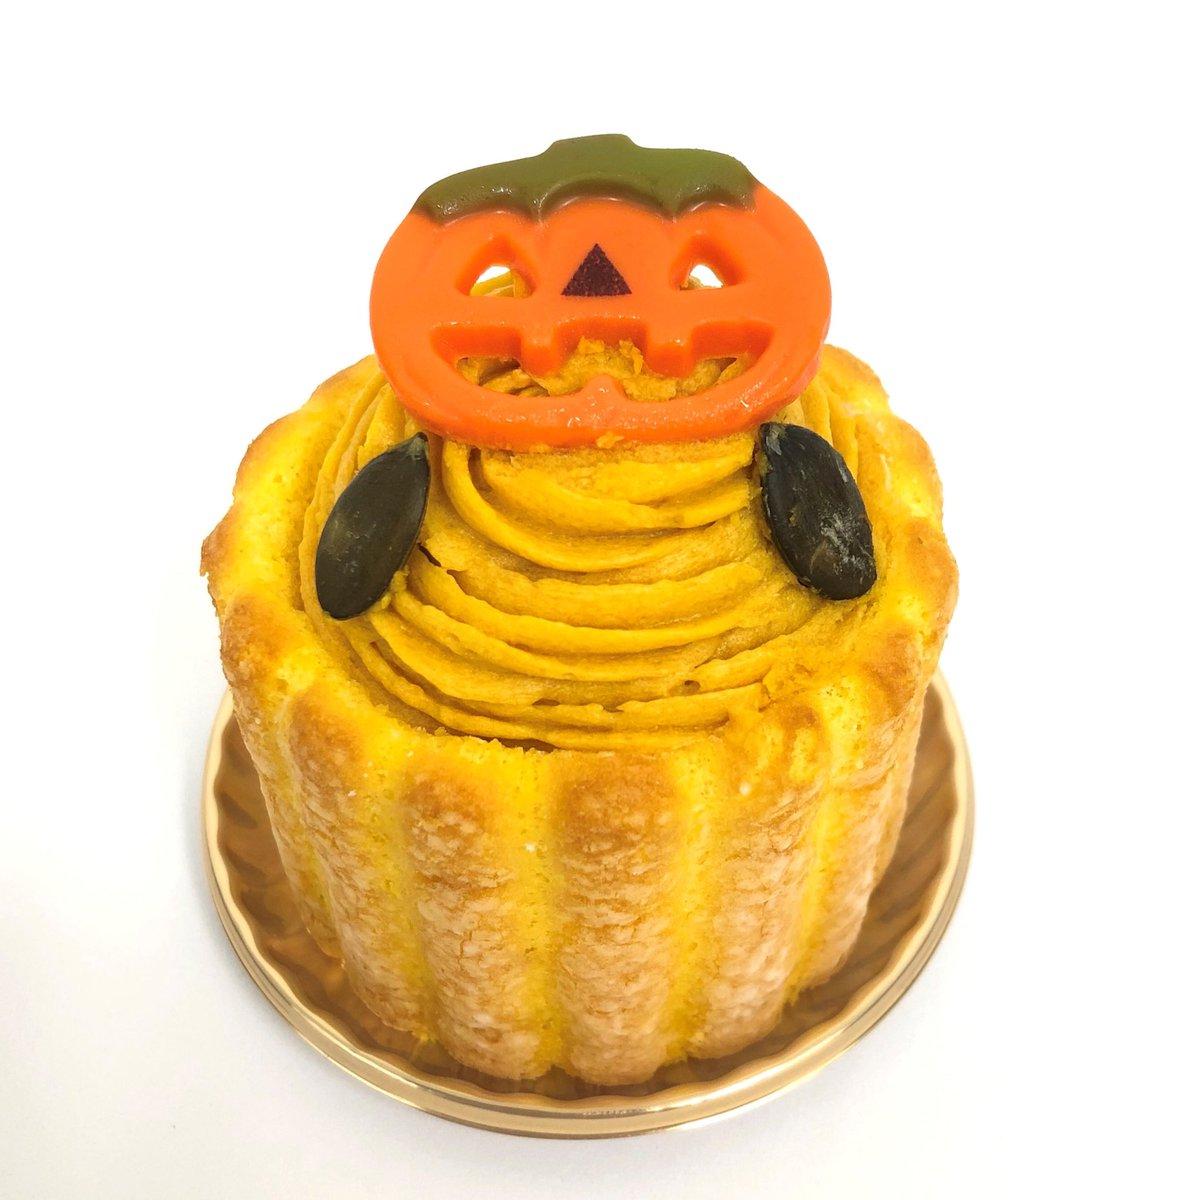 test ツイッターメディア - こんにちは!初ツイートです✨ガトー・ド・ボワイヤージュ、エキュート立川店では、明日19日からとってもキュートな「かぼちゃのシャルロット」を販売いたします!ケースに並んだ可愛いかぼちゃさん達に是非会いに来てください🎃💕 #ガトードボワイヤージュ  #エキュート立川   #立川駅 #ハロウィン https://t.co/LBCd0YcXuF